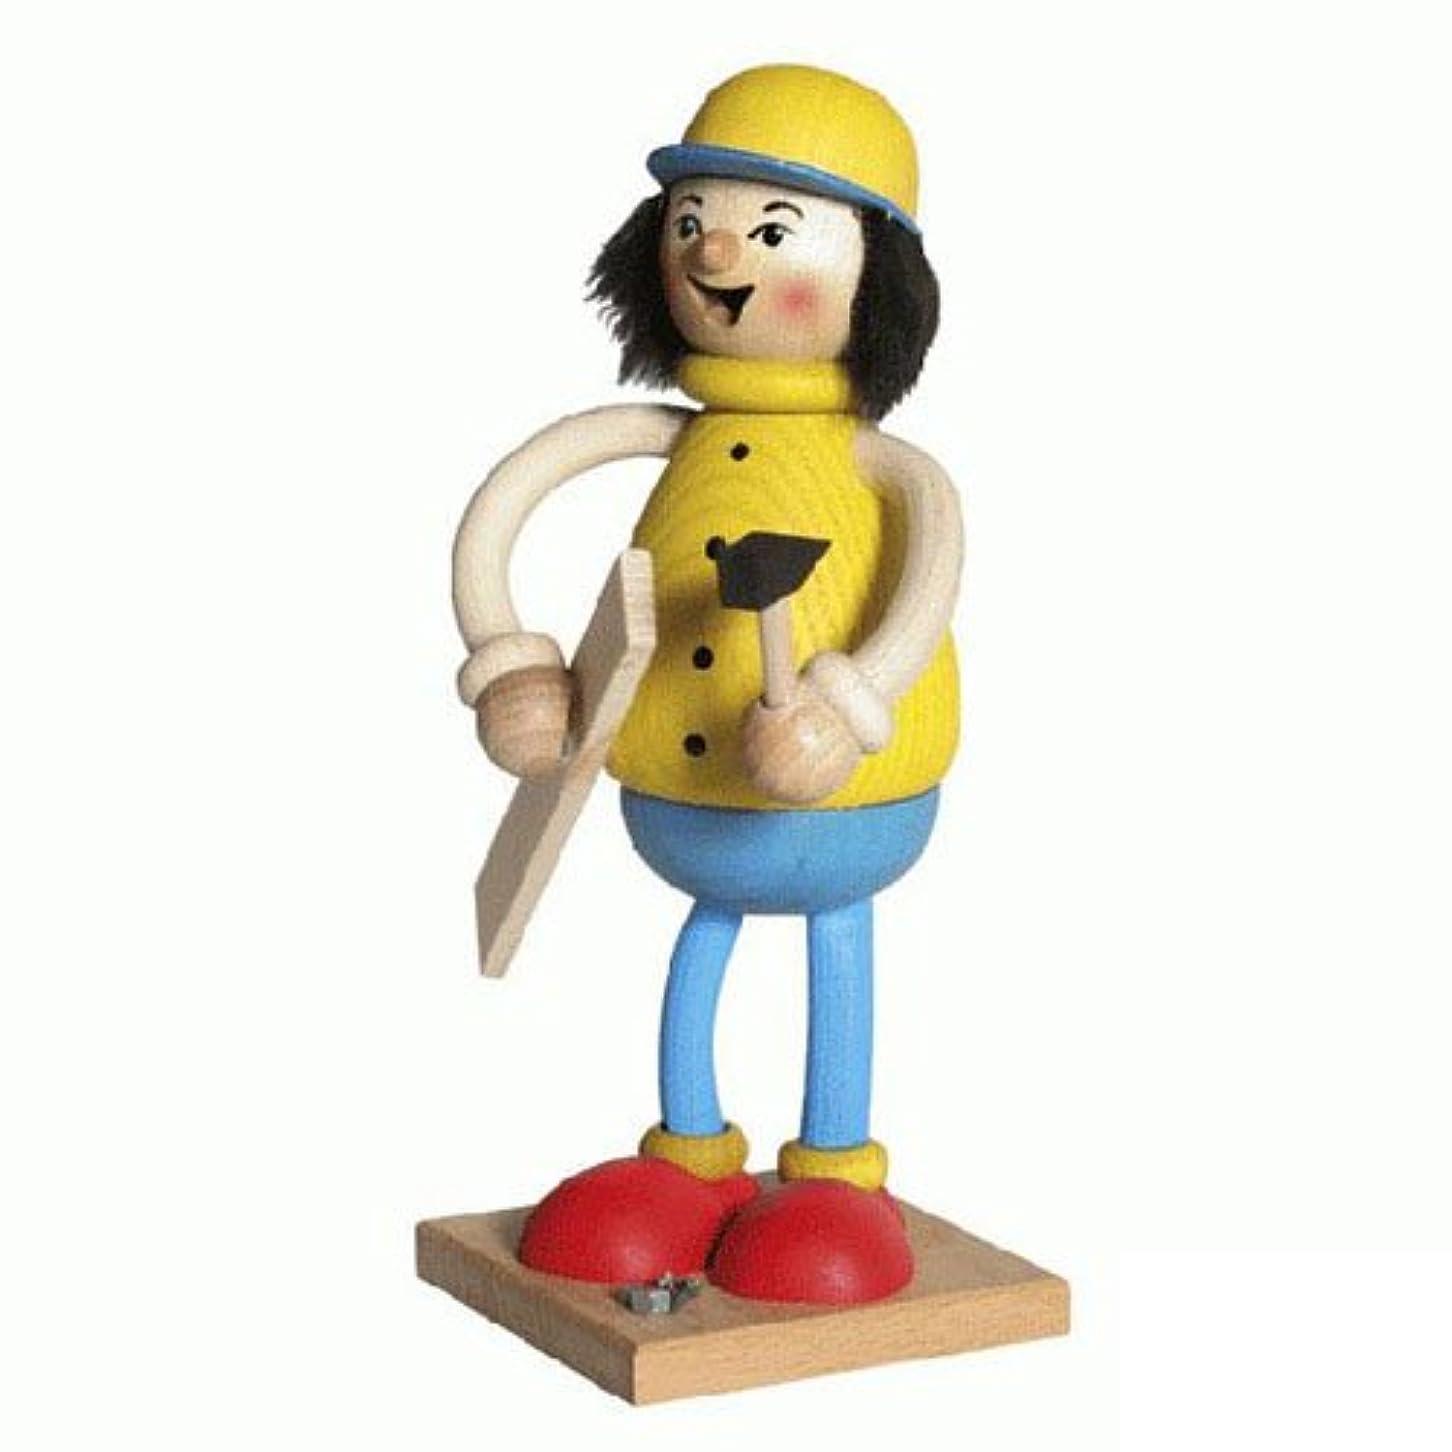 支給繊細利用可能39096 Kuhnert(クーネルト) ミニパイプ人形香炉 DIY